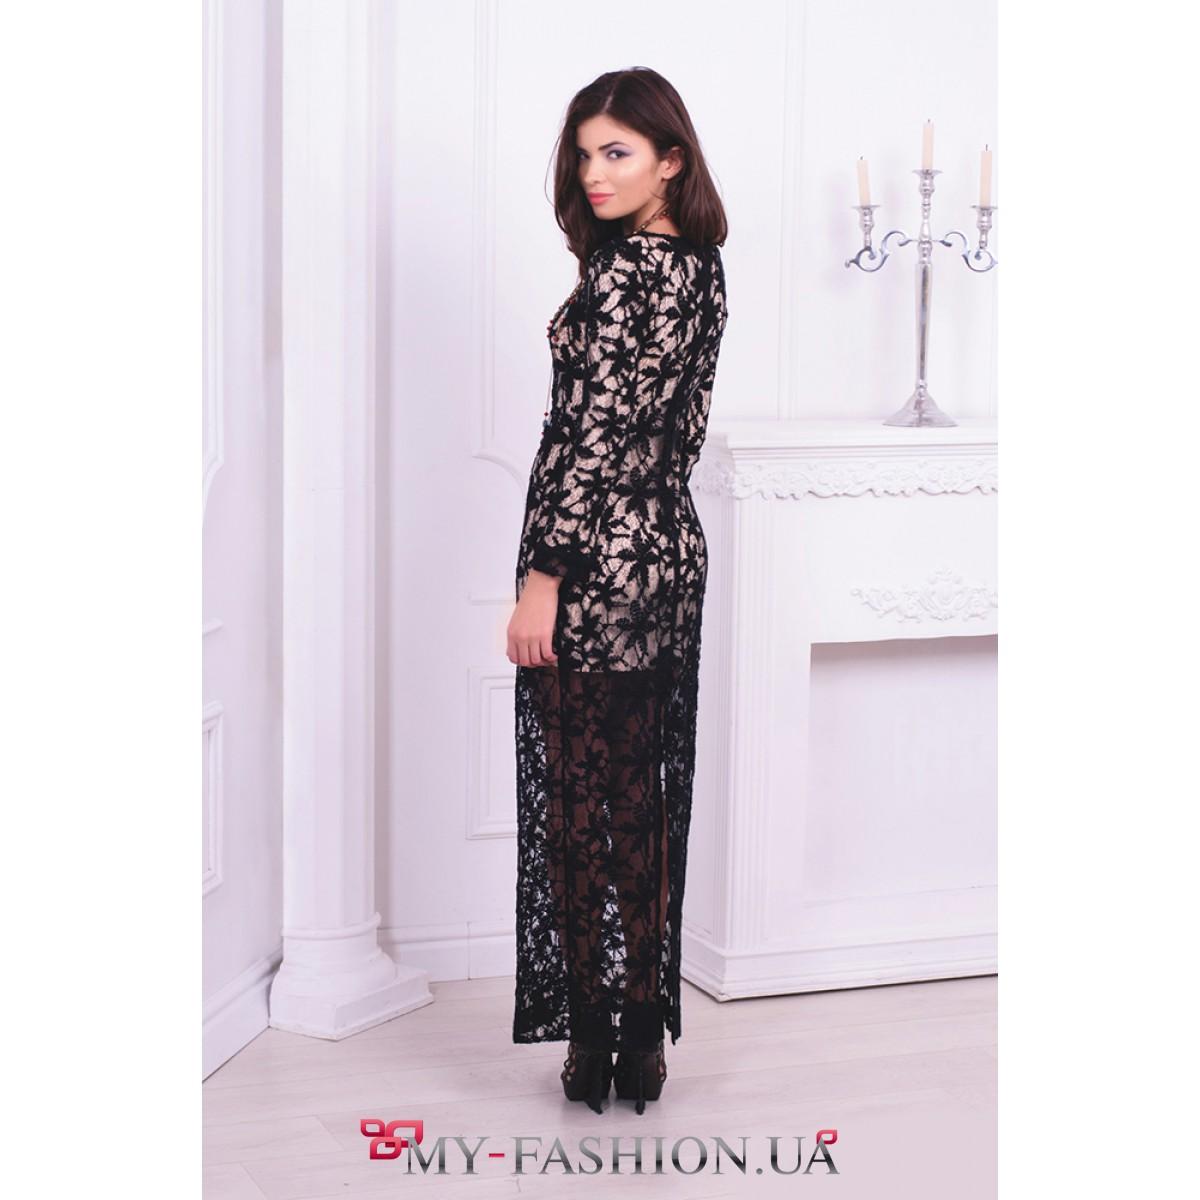 Платье Кружевное Длинное Купить В